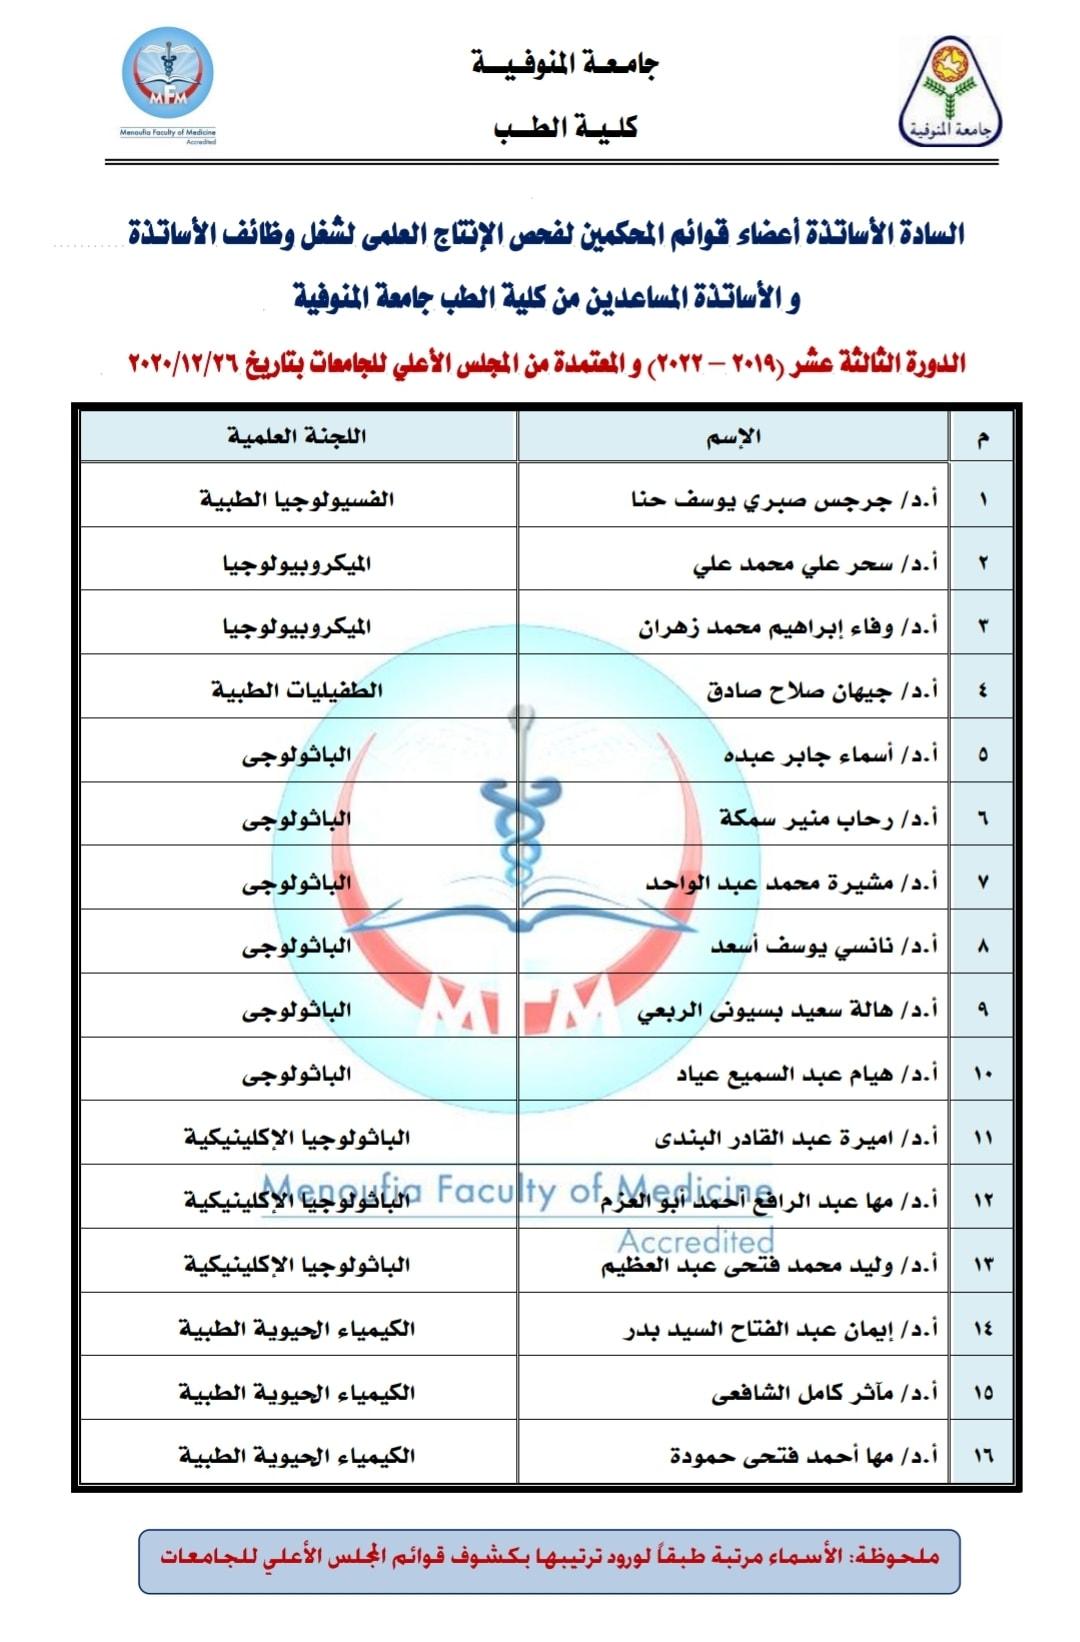 48 أستاذا من طب المنوفية أعضاءا في قوائم المحكمين لفحص الإنتاج العلمى لترقية الأساتذة و الأساتذة المساعدين